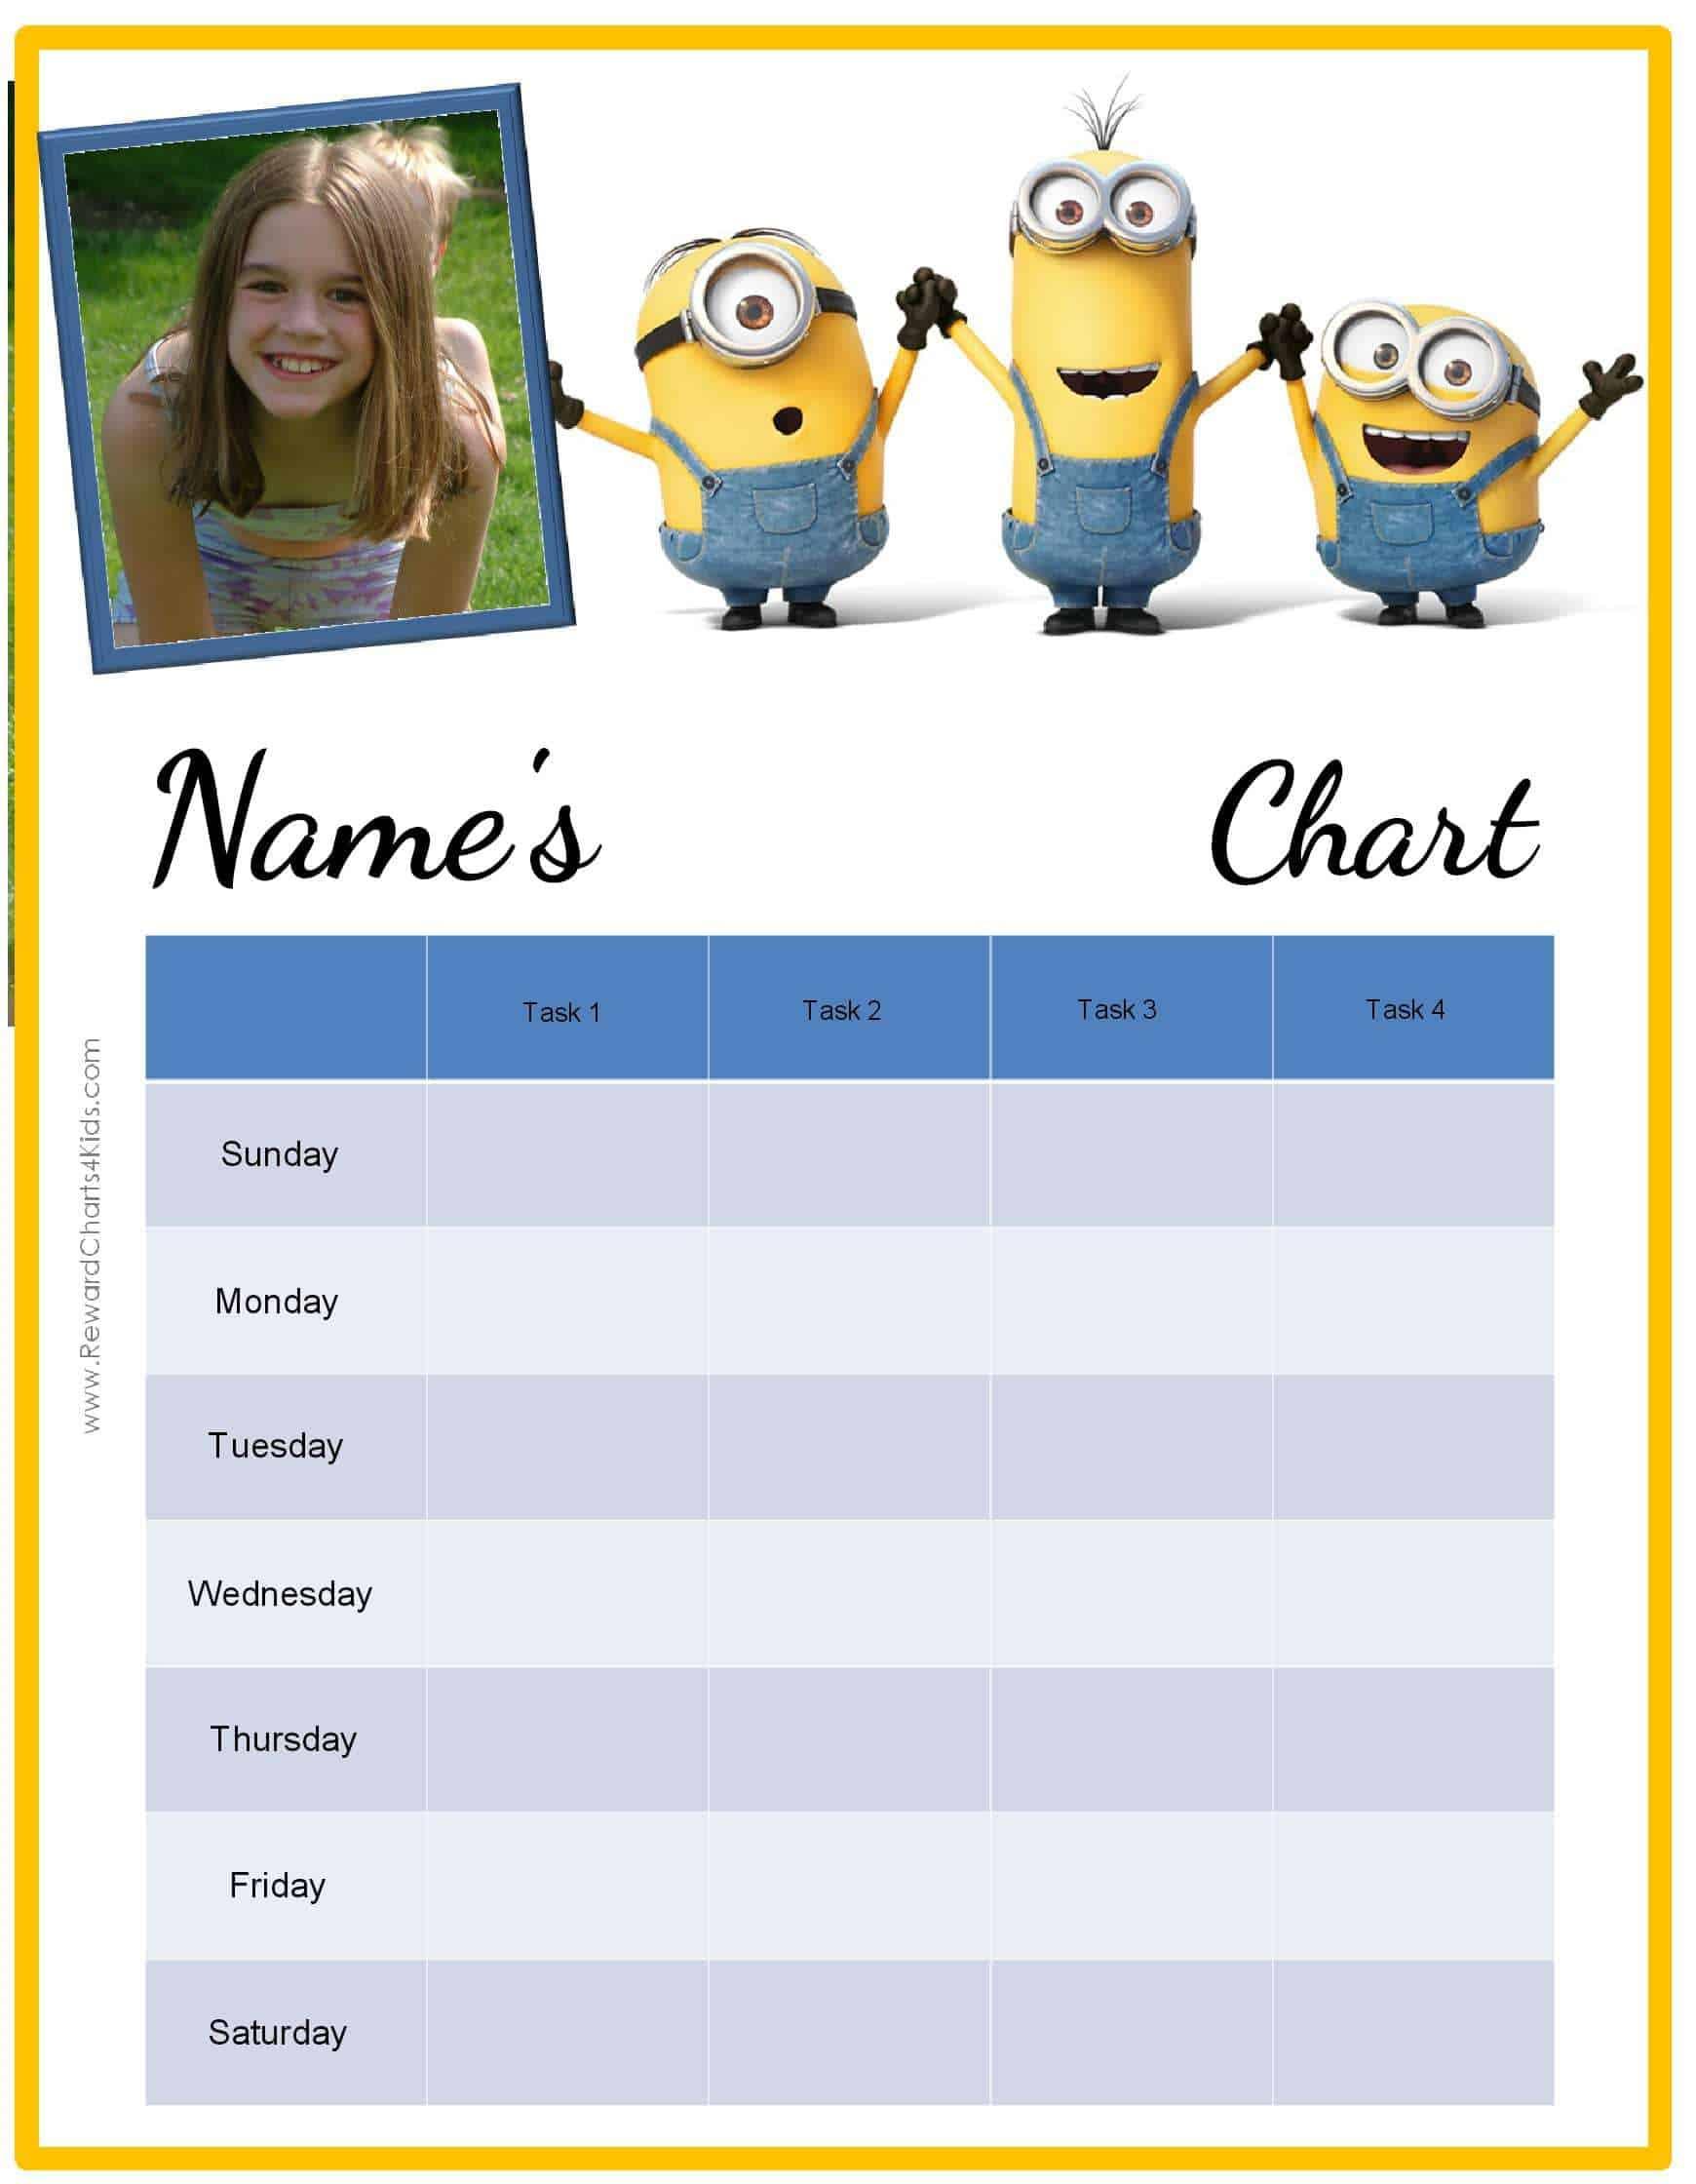 sticker behavior chart template